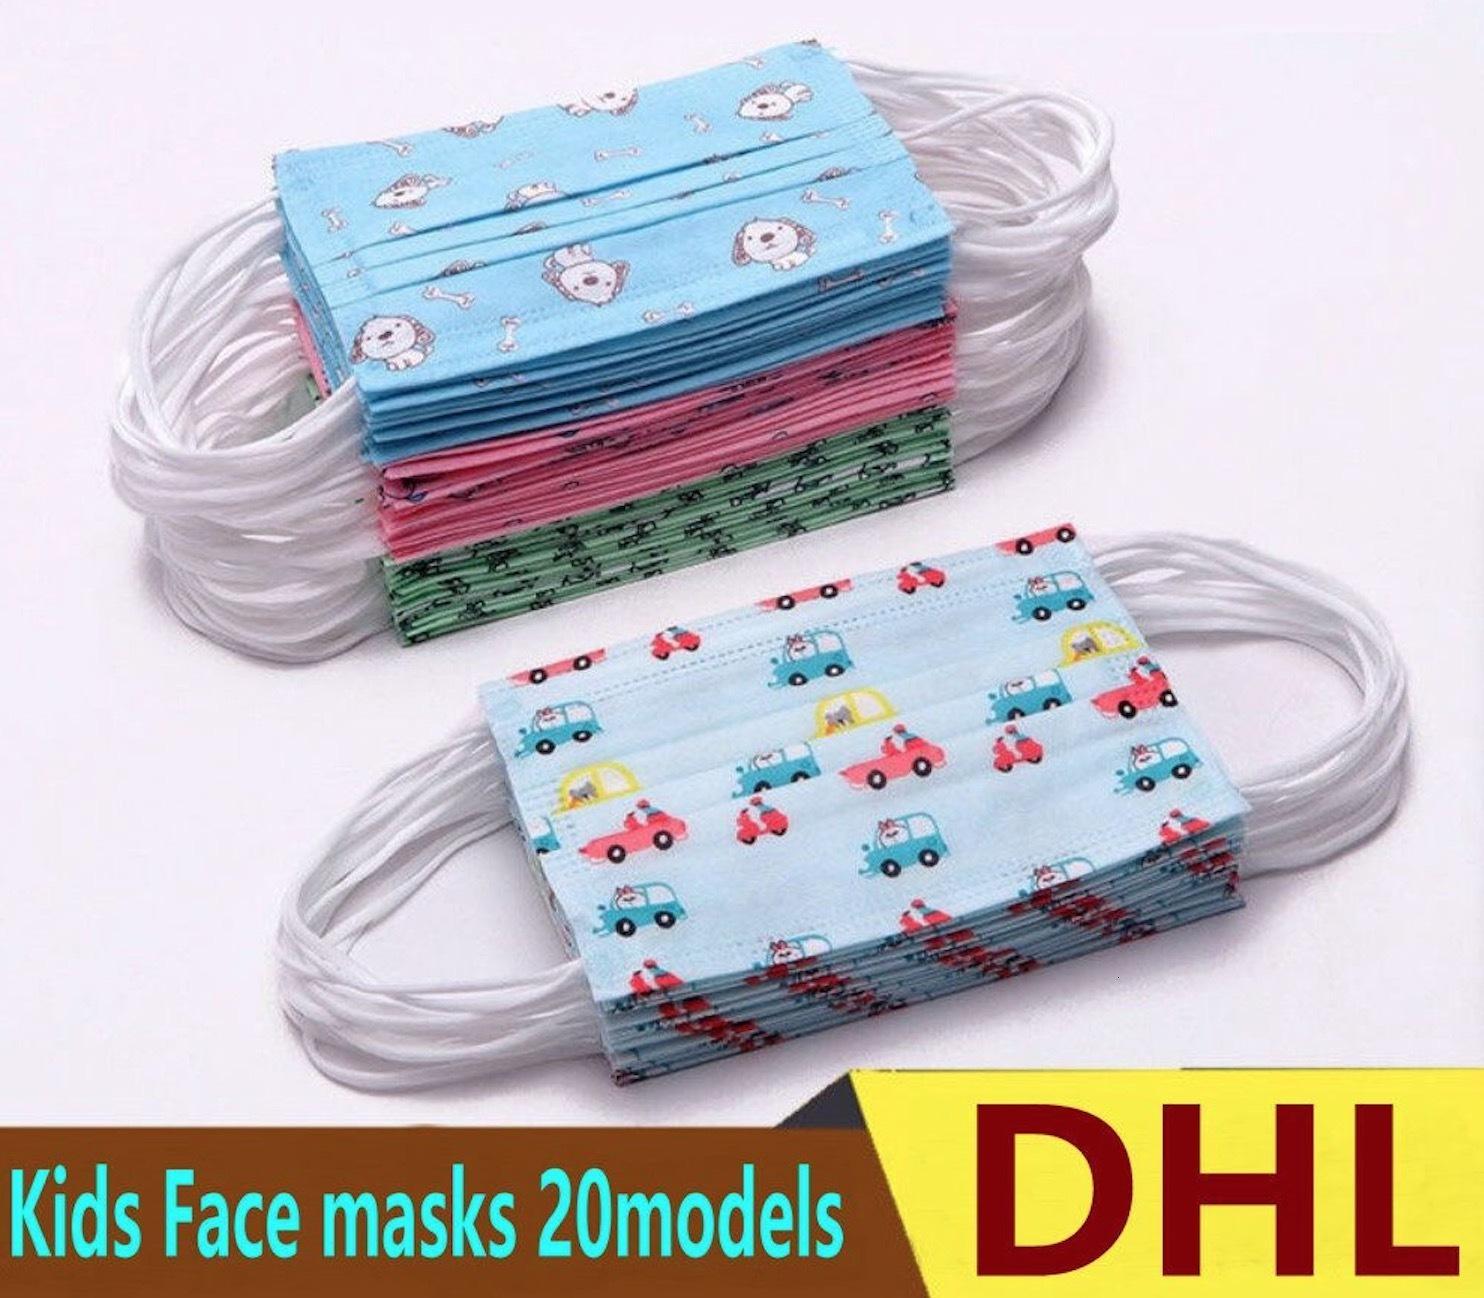 Las máscaras de dibujos animados niños envase individual diseñador de la cara máscara de la cara del niño la manera de máscara Los niños de 3 capas de protección desechables Boca libre de DHL